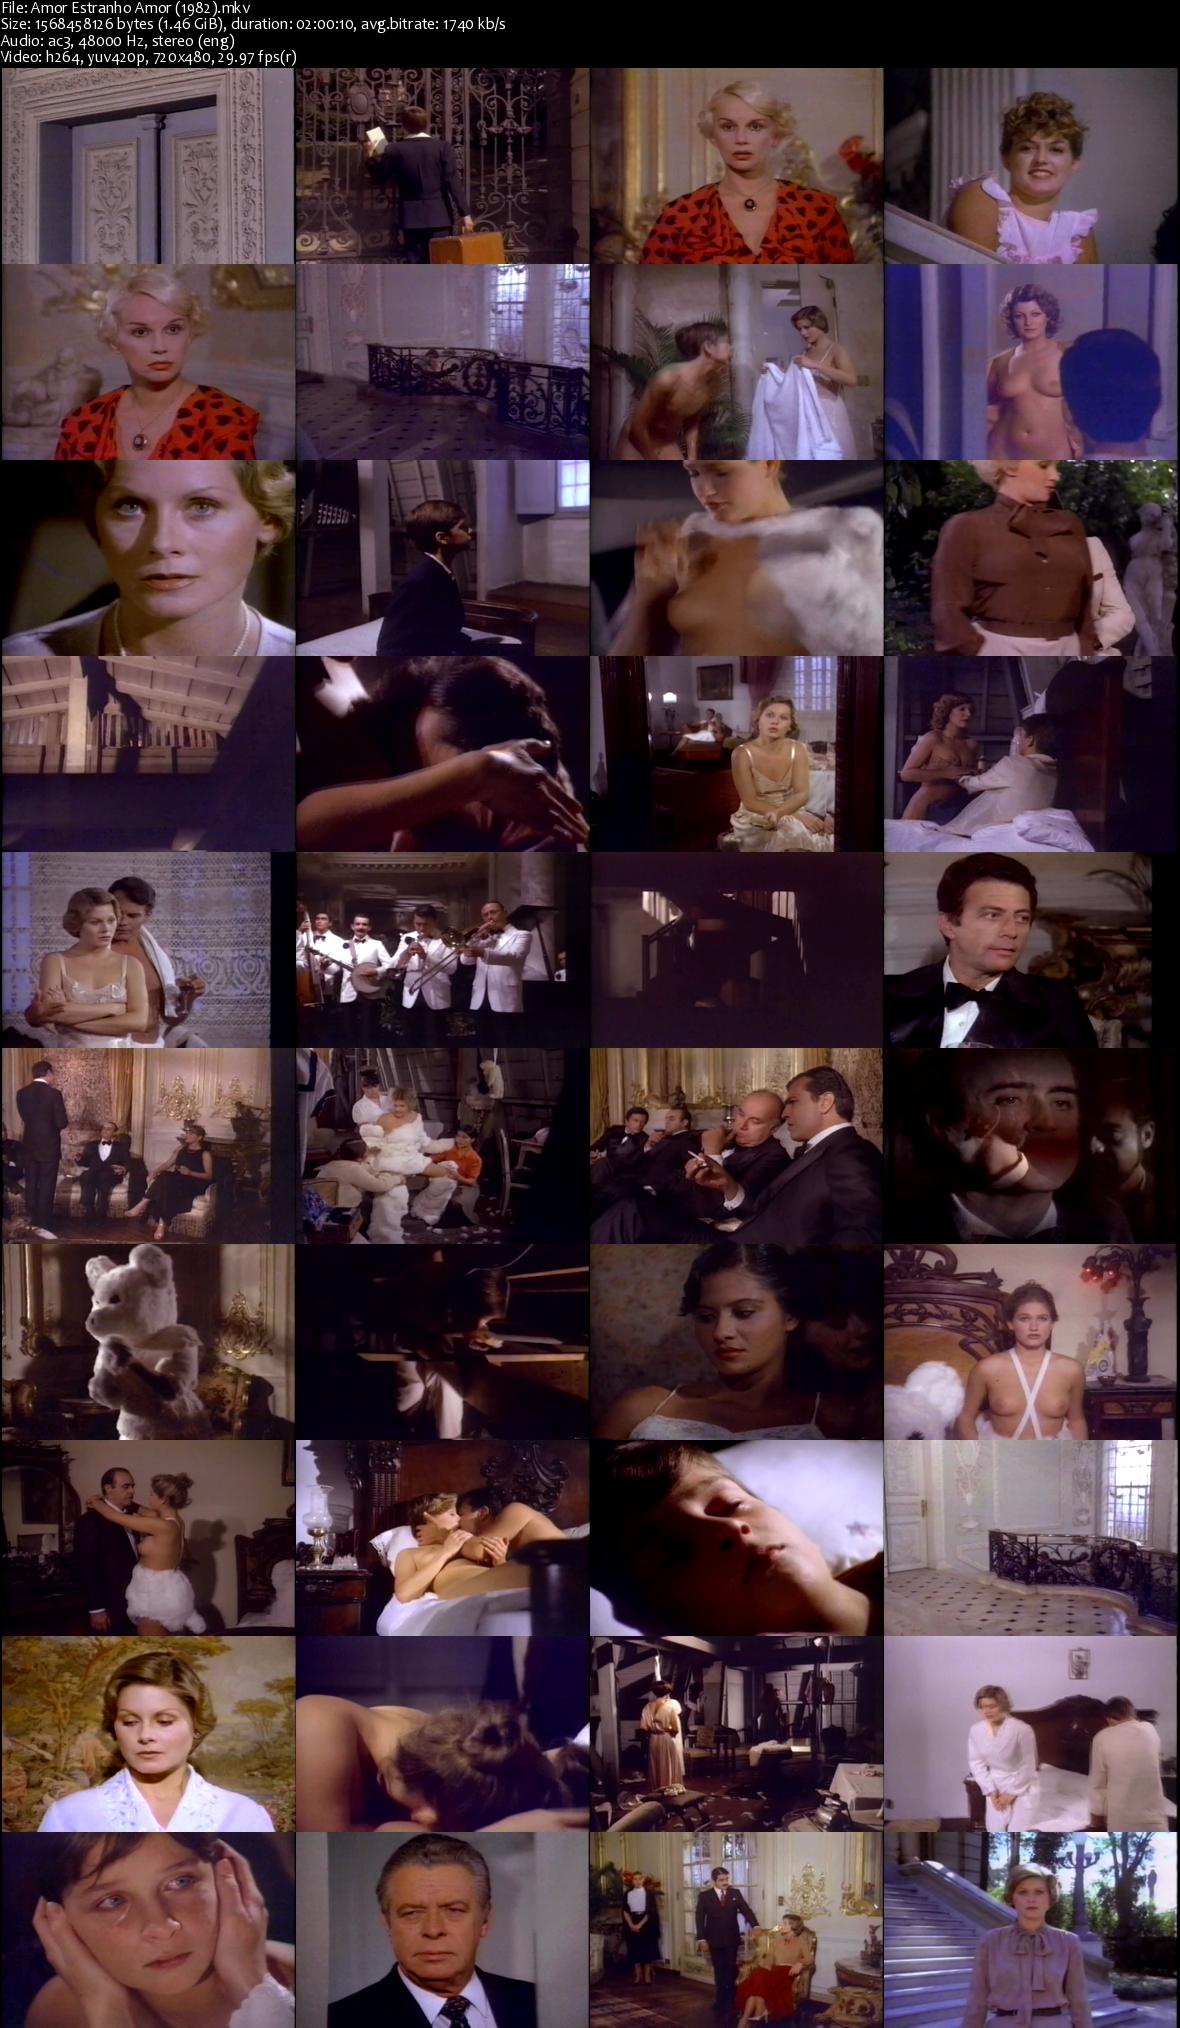 Bubble butt amor estranho amor xvideos the vids